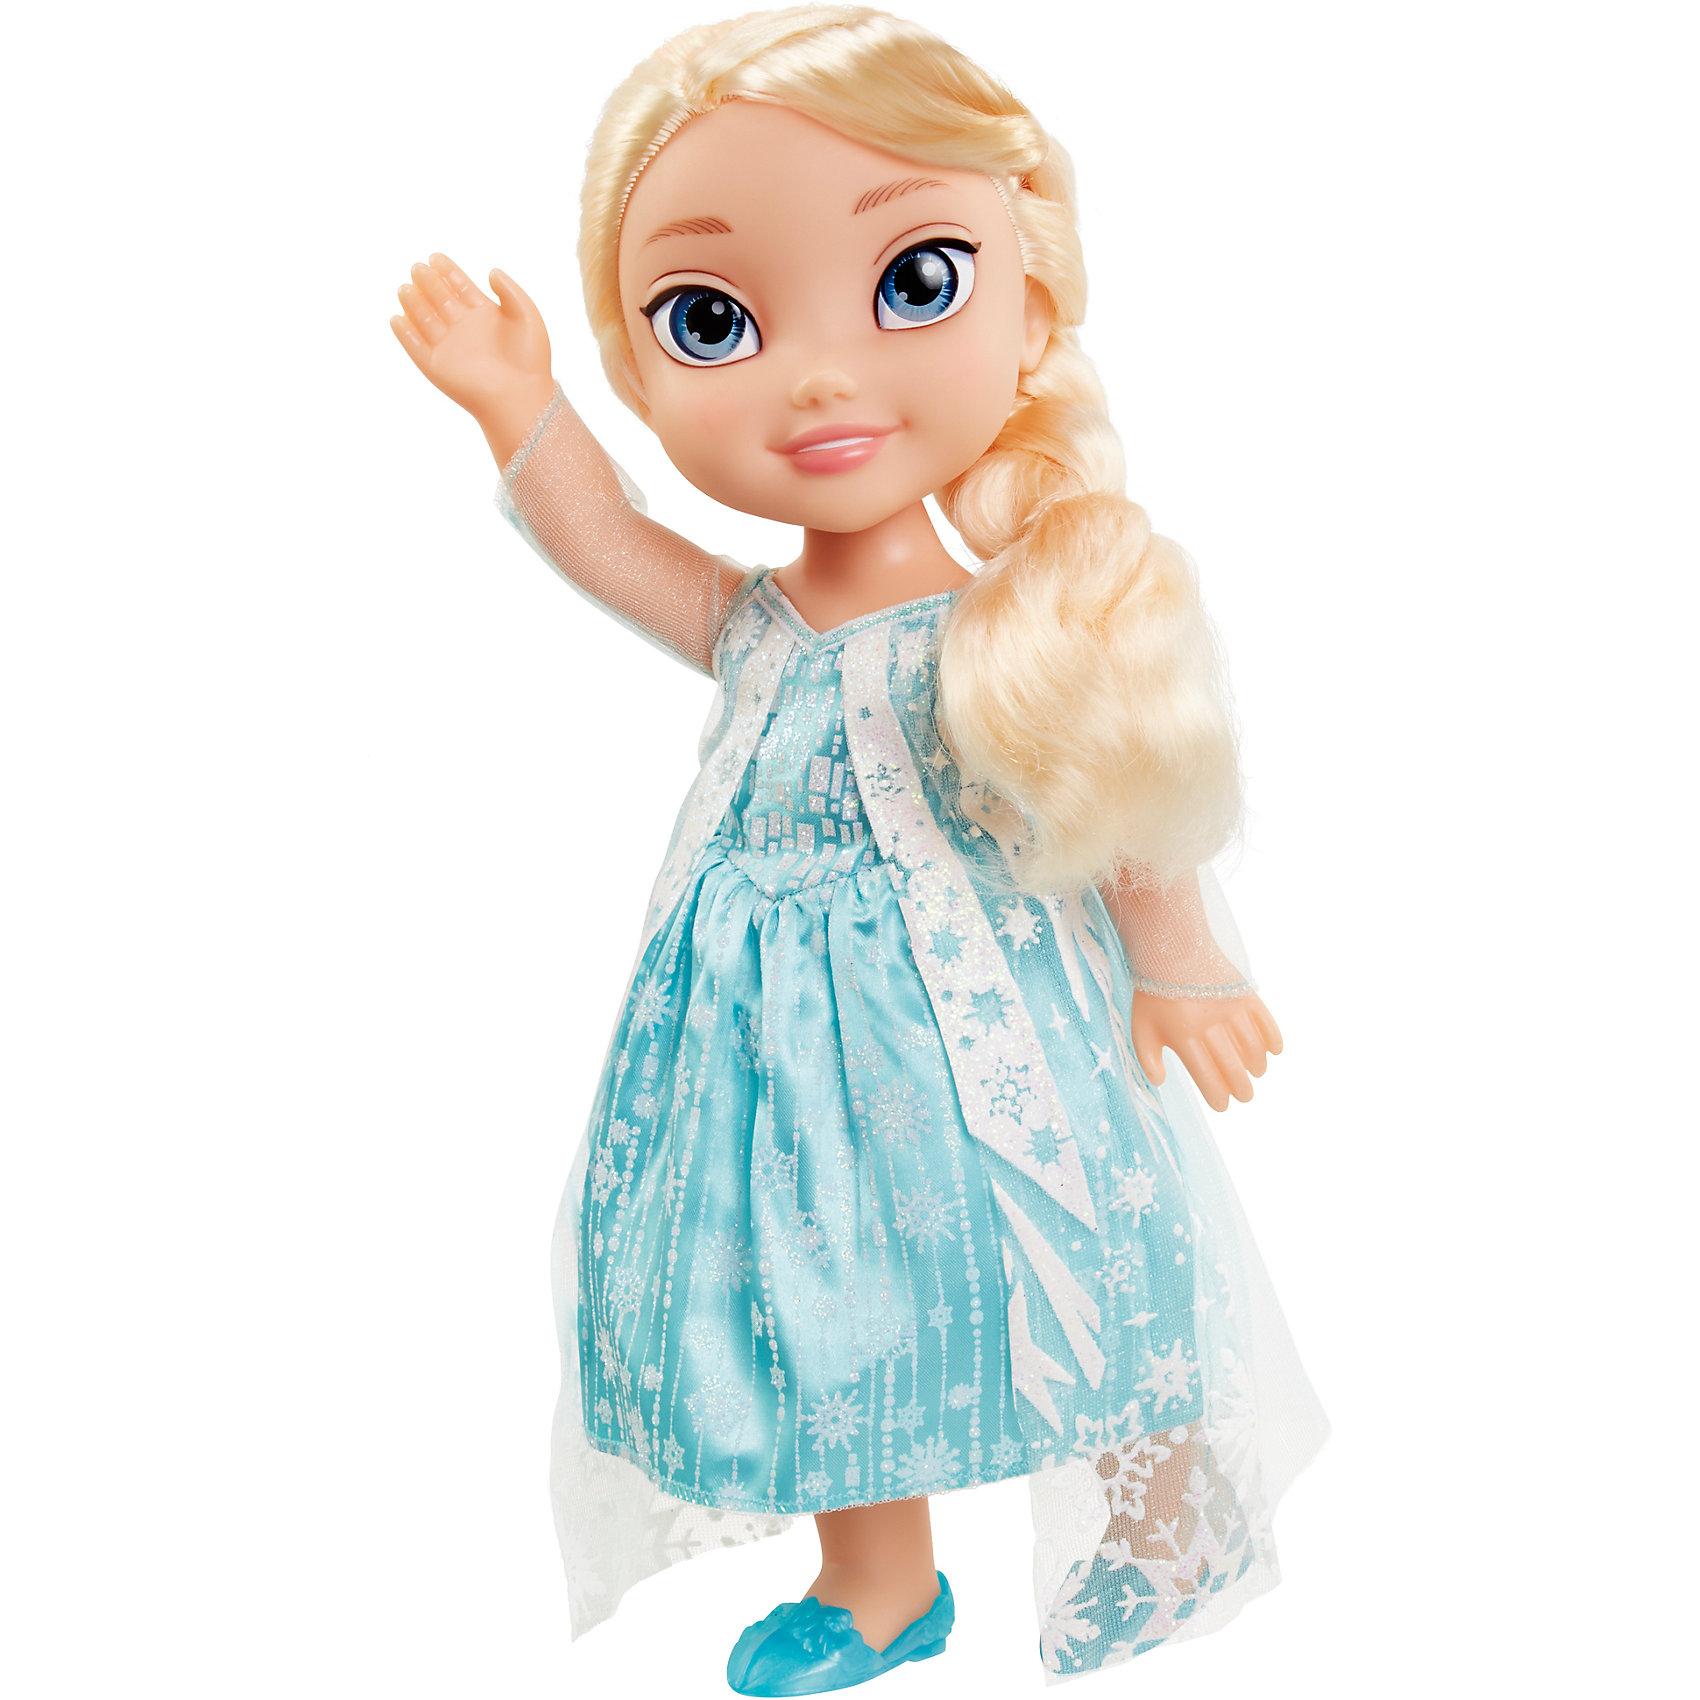 Кукла Эльза, 35 см, Холодное сердцеХарактеристики:<br><br>• высота куклы: 35 см;<br>• комплектация: кукла, снеговик Олаф, аксессуары;<br>• аксессуары: диадема, зеркальце;<br>• материал: пластик, текстиль, нейлон;<br>• размер упаковки: 38,5х20,5х12 см;<br>• вес: 790 г.<br><br>Кукла-принцесса Эльза одета в платье, в котором была ее героиня из мультфильма Frozen. На ножках зеленые туфельки. В руках Эльза держит зеркальце, чтобы в любой момент можно было поправить прическу или воротничок. Нейлоновые волосы куклы густые и мягкие на ощупь, Эльзе можно делать различные прически. Верный друг девочек – снеговик Олаф – сопровождает Эльзу в наборе Jakks pacific.<br><br>Куклу Эльза, 35 см, Холодное сердце можно купить в нашем магазине.<br><br>Ширина мм: 205<br>Глубина мм: 385<br>Высота мм: 120<br>Вес г: 792<br>Возраст от месяцев: 36<br>Возраст до месяцев: 2147483647<br>Пол: Женский<br>Возраст: Детский<br>SKU: 5296179